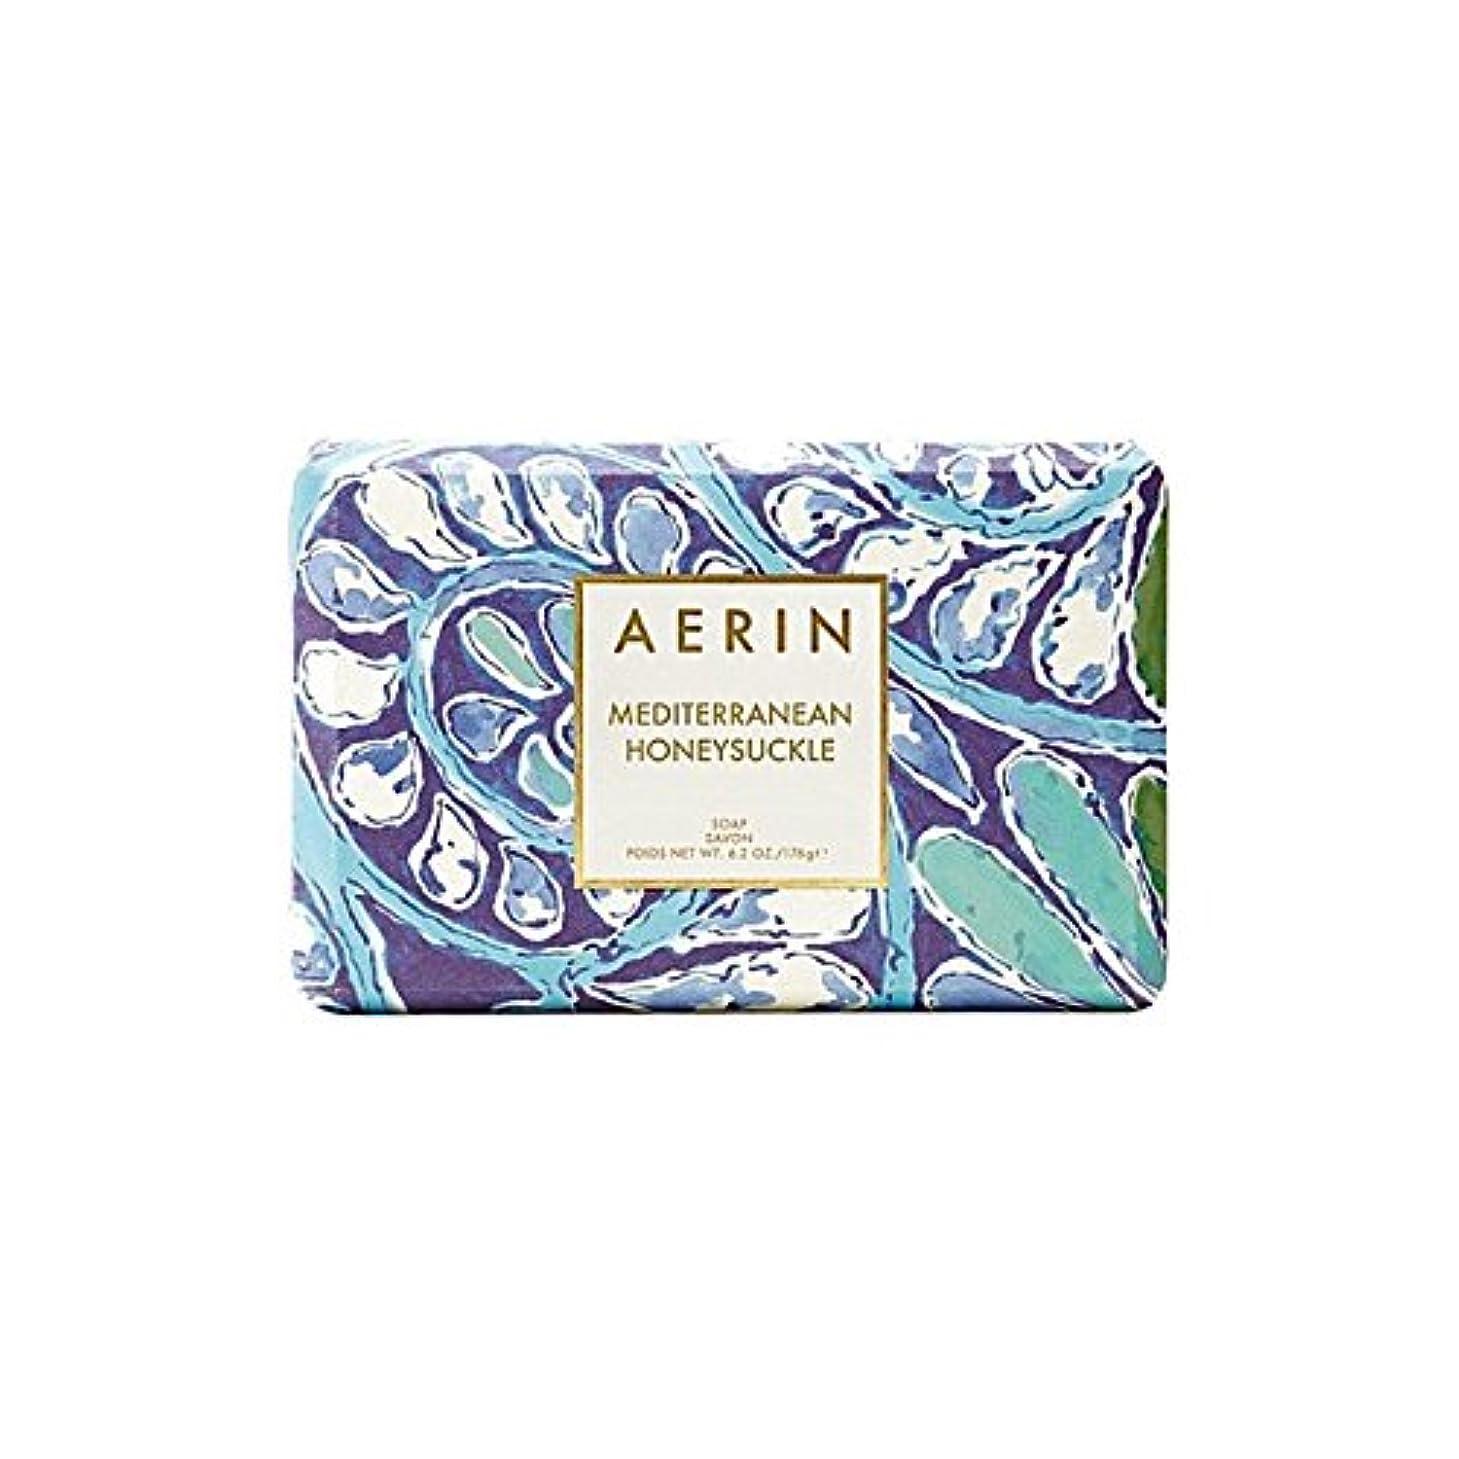 羽任命抽出スイカズラ固形石鹸176グラム x2 - Aerin Mediterrenean Honeysuckle Bar Soap 176G (Pack of 2) [並行輸入品]